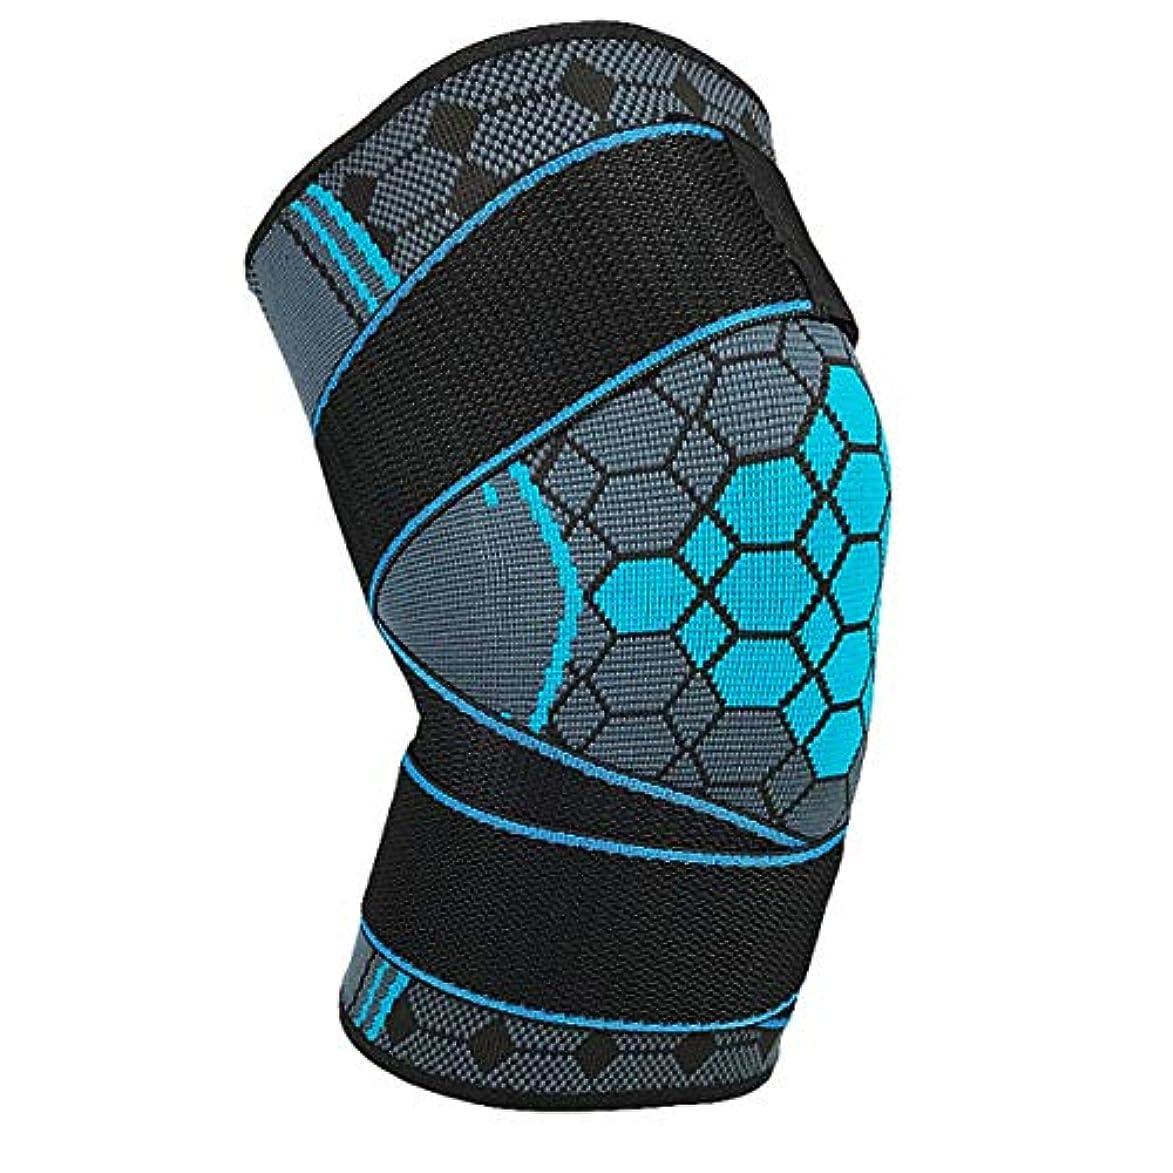 観察する貸し手浜辺快適な膝パッドヨガスポーツ保護パッドバレーボール落下膝サポート安全膝パッド耐久性膝ブレース-ブルーL